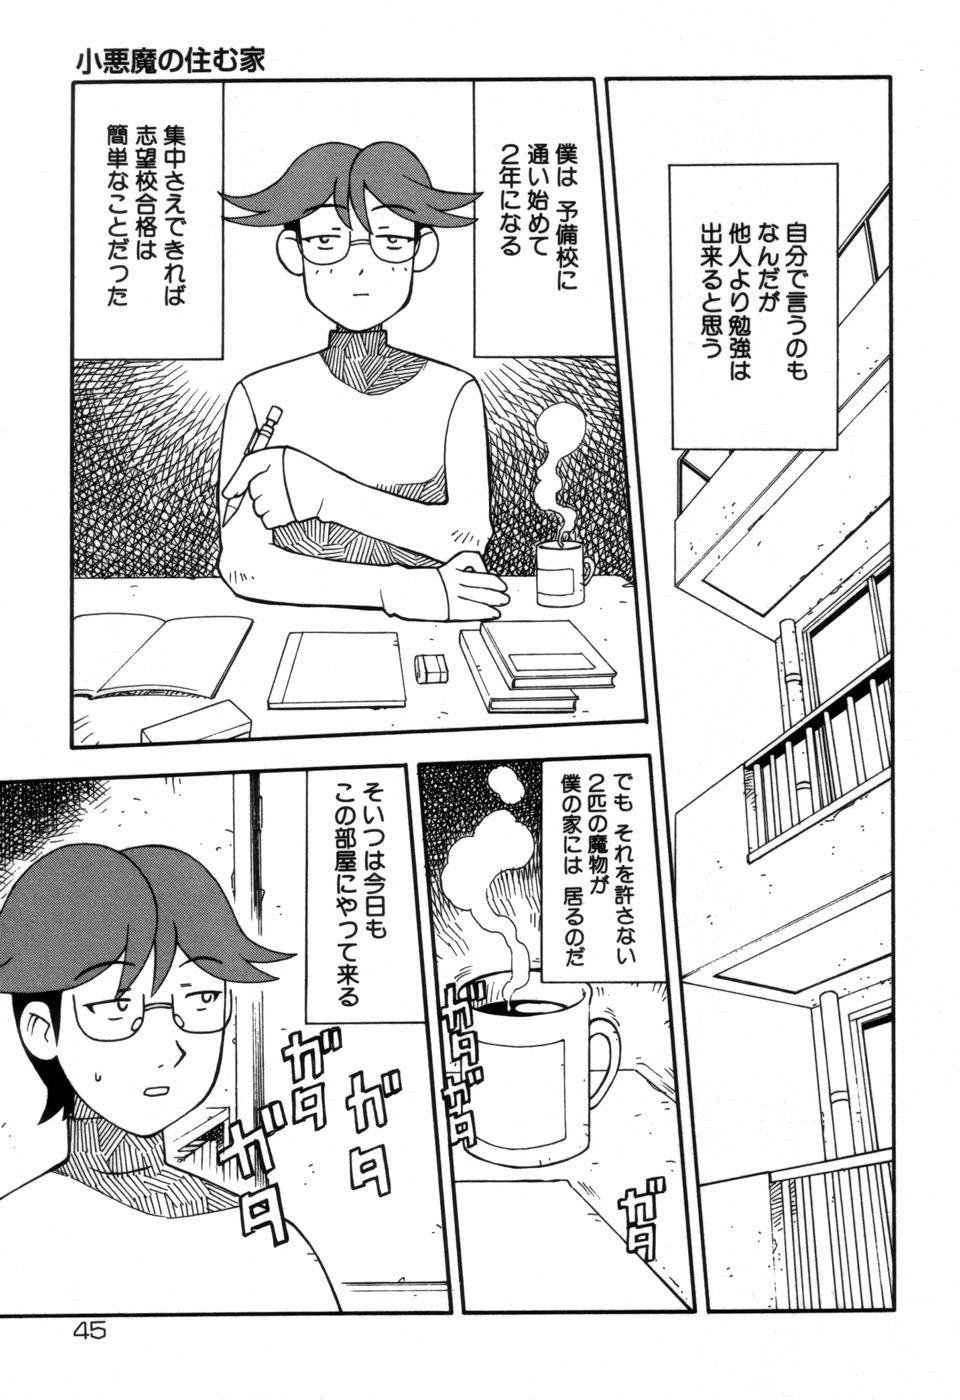 Imouto no Hiasobi 46